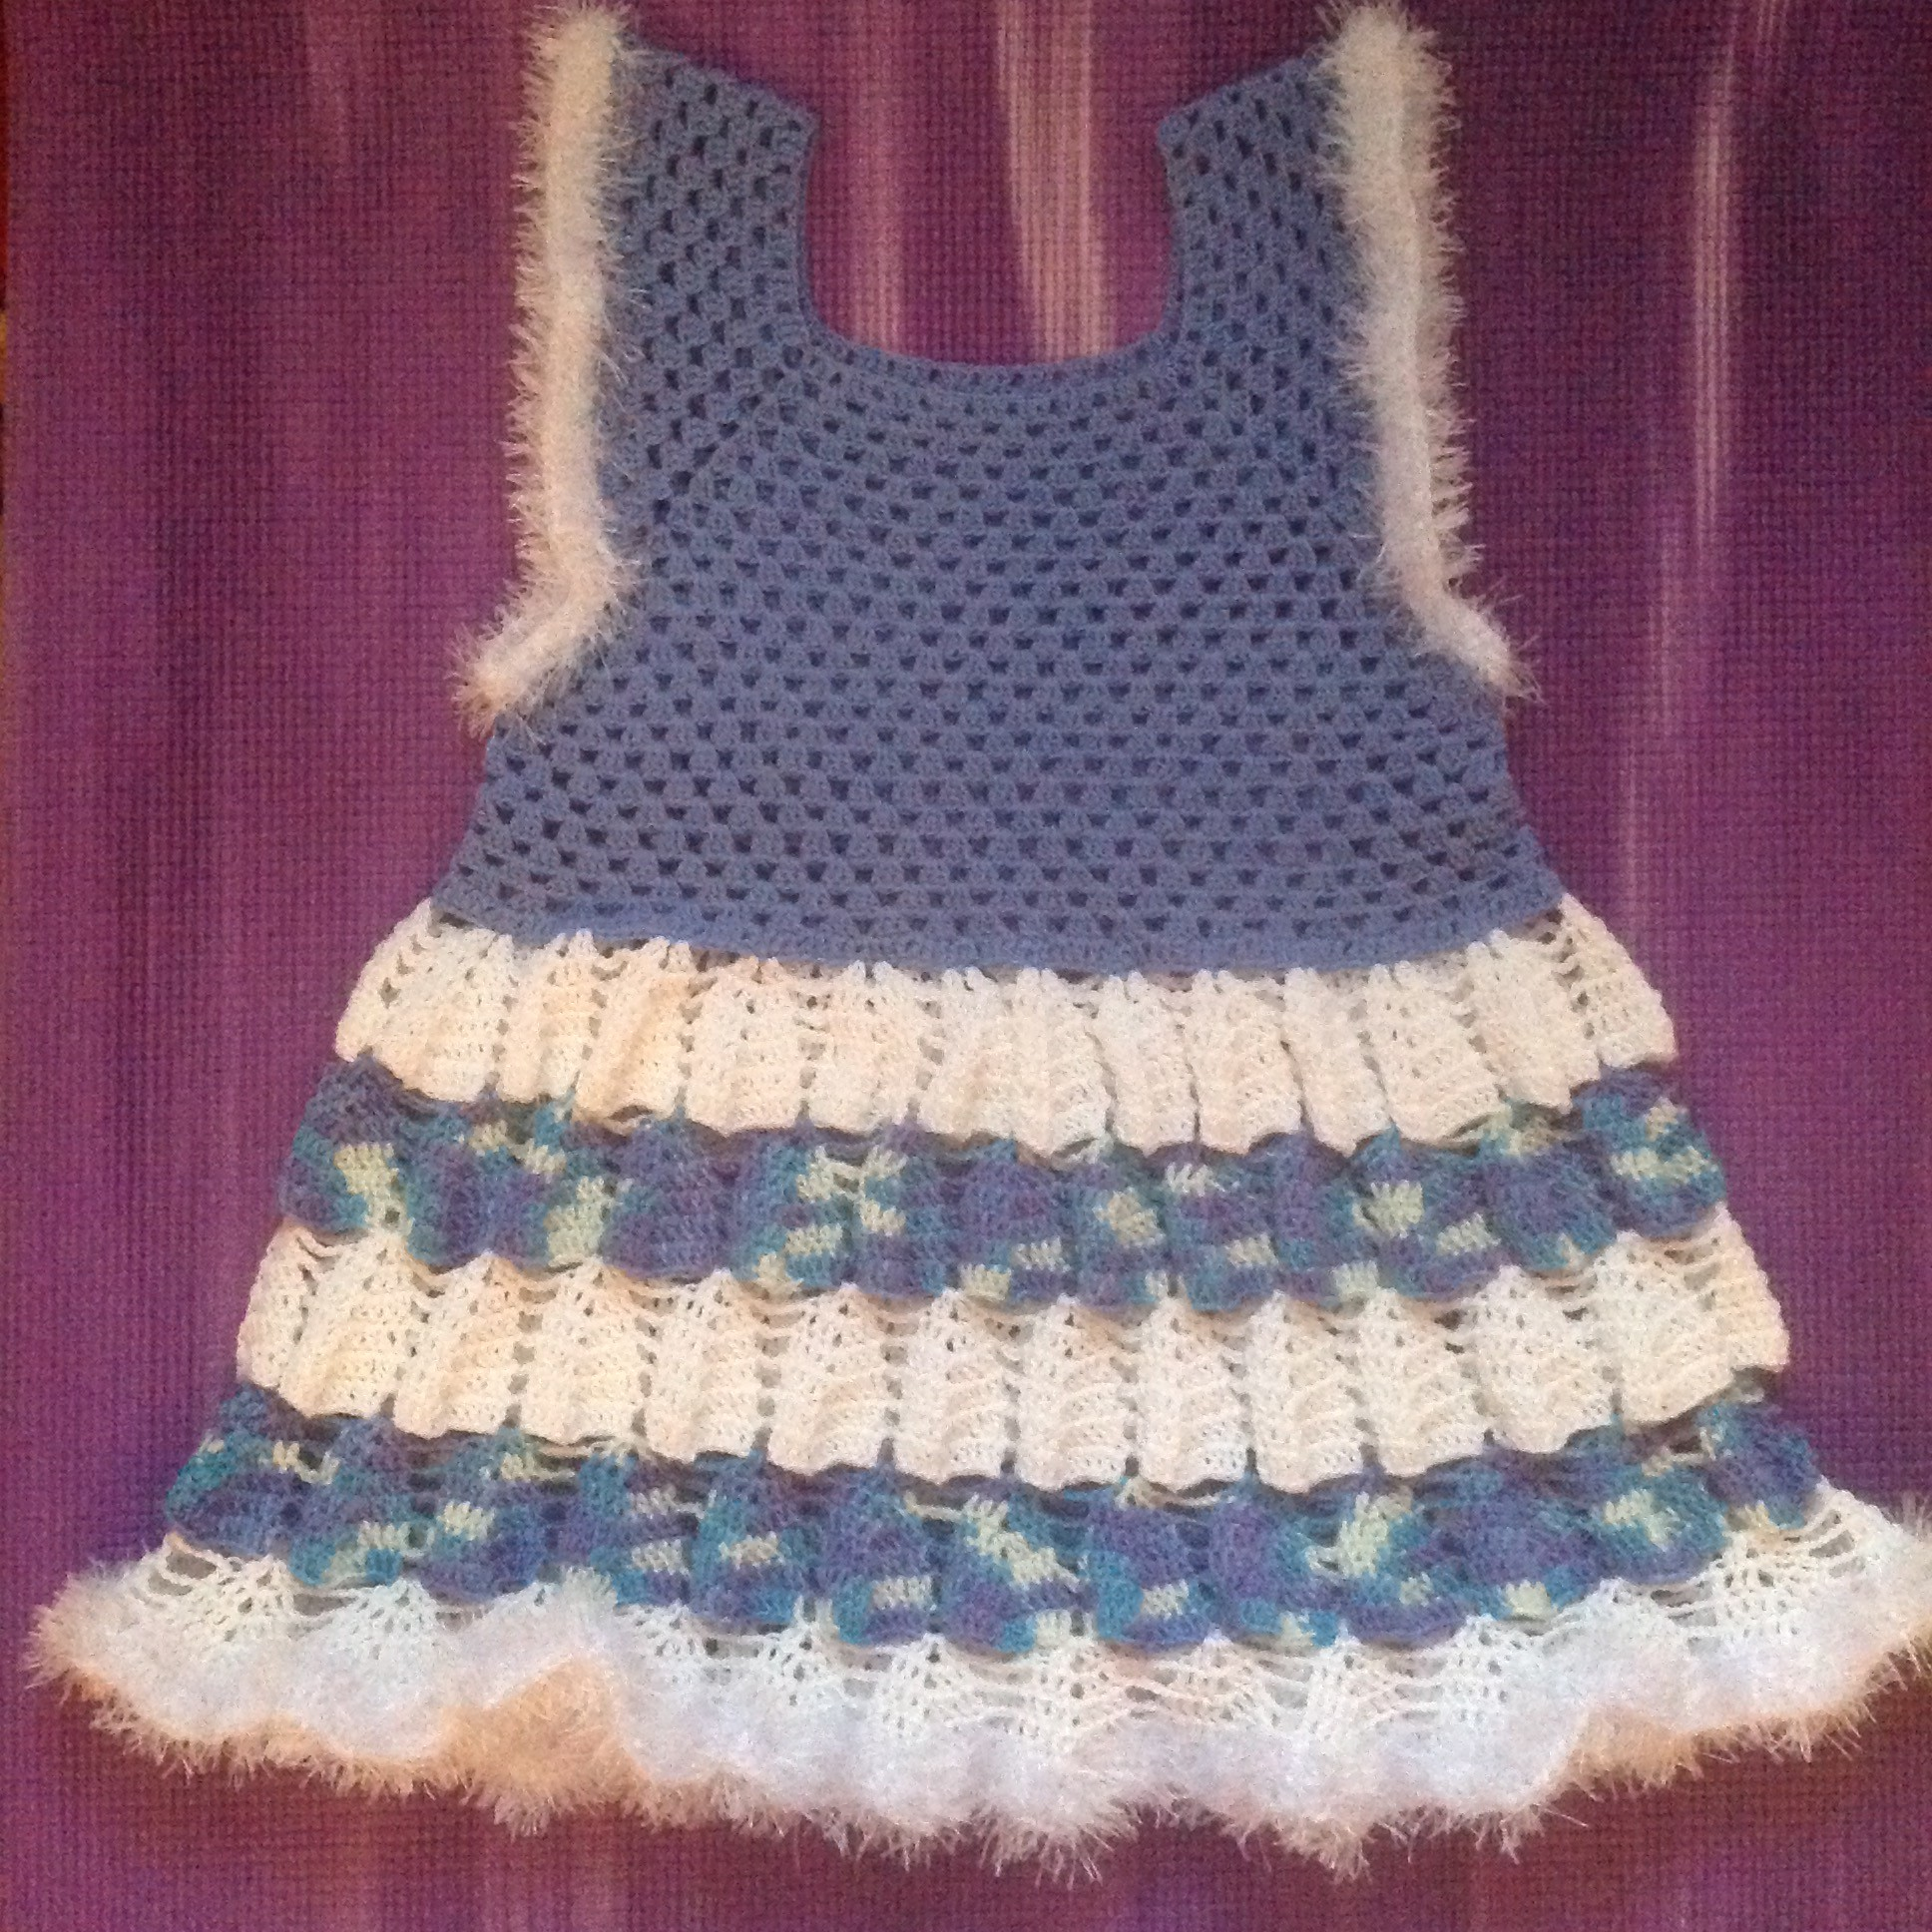 платье для девочки запись пользователя Lisa лиса в сообществе